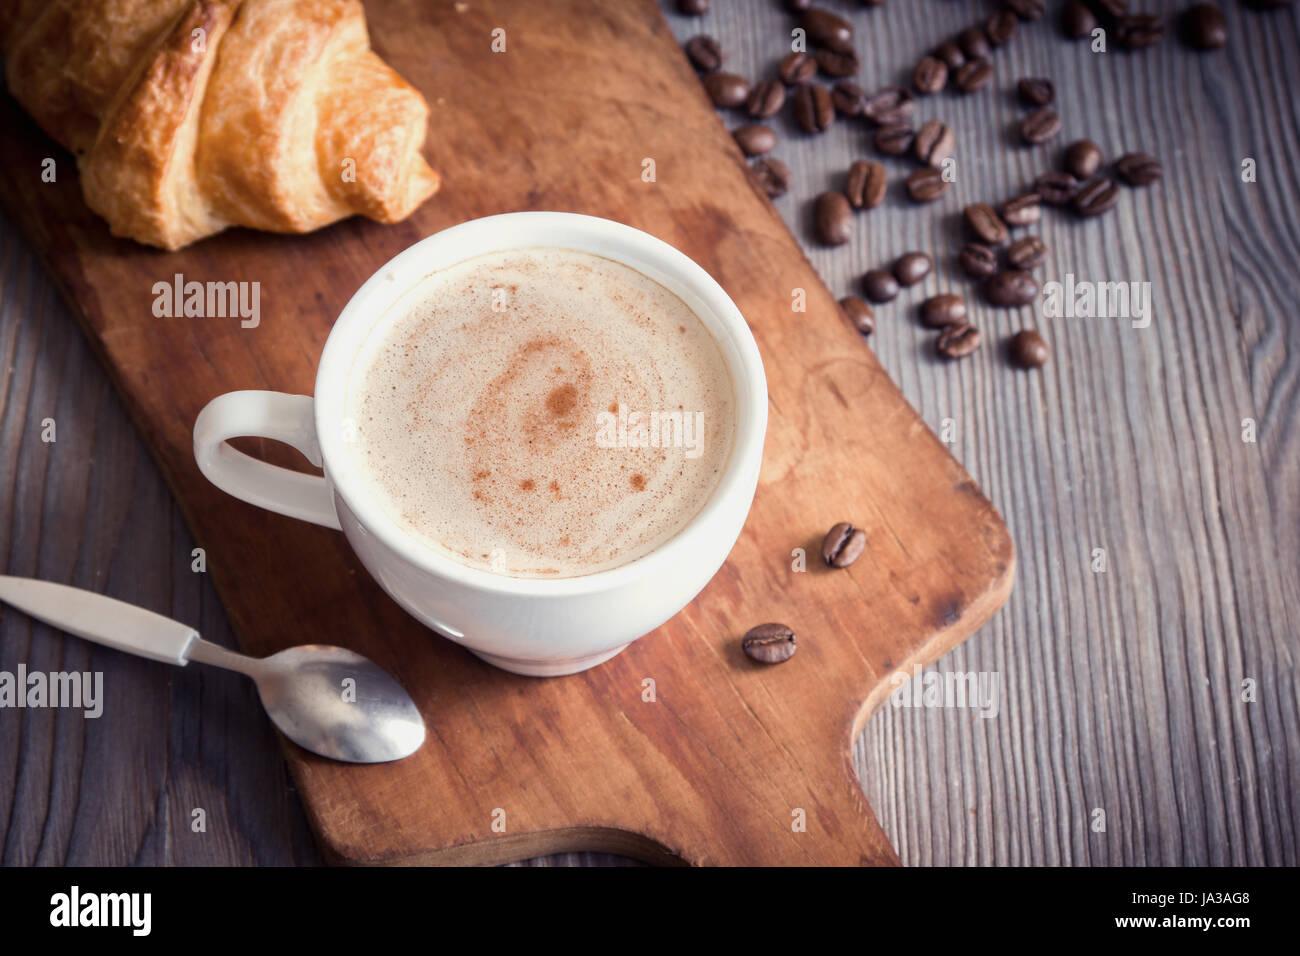 Caffè con croissant per la colazione. Caffè cappuccino, tint immagine con copia spazio. Foto Stock